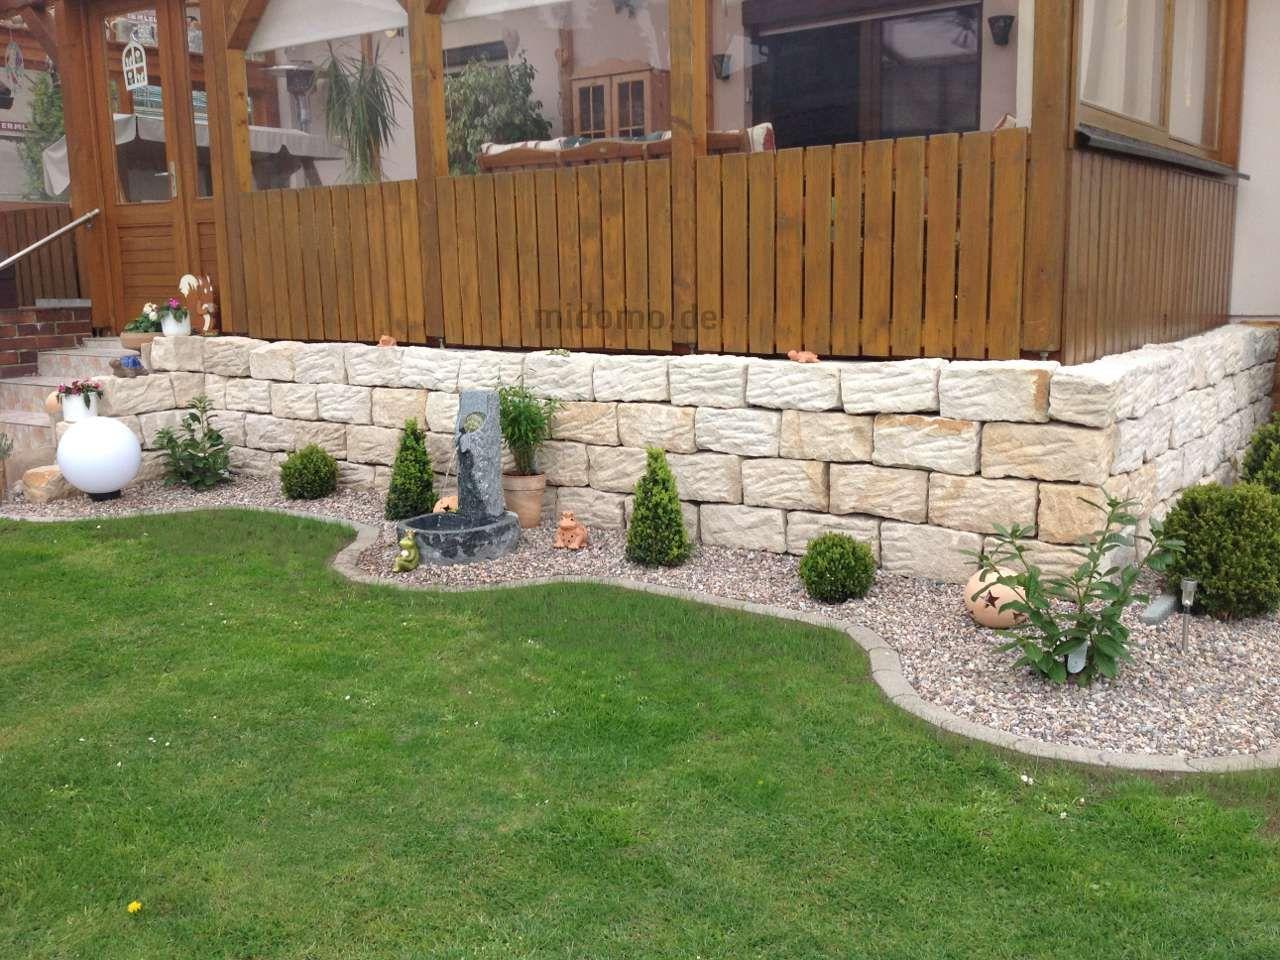 Bildergebnis für garten steinmauer Gartenmauer stein